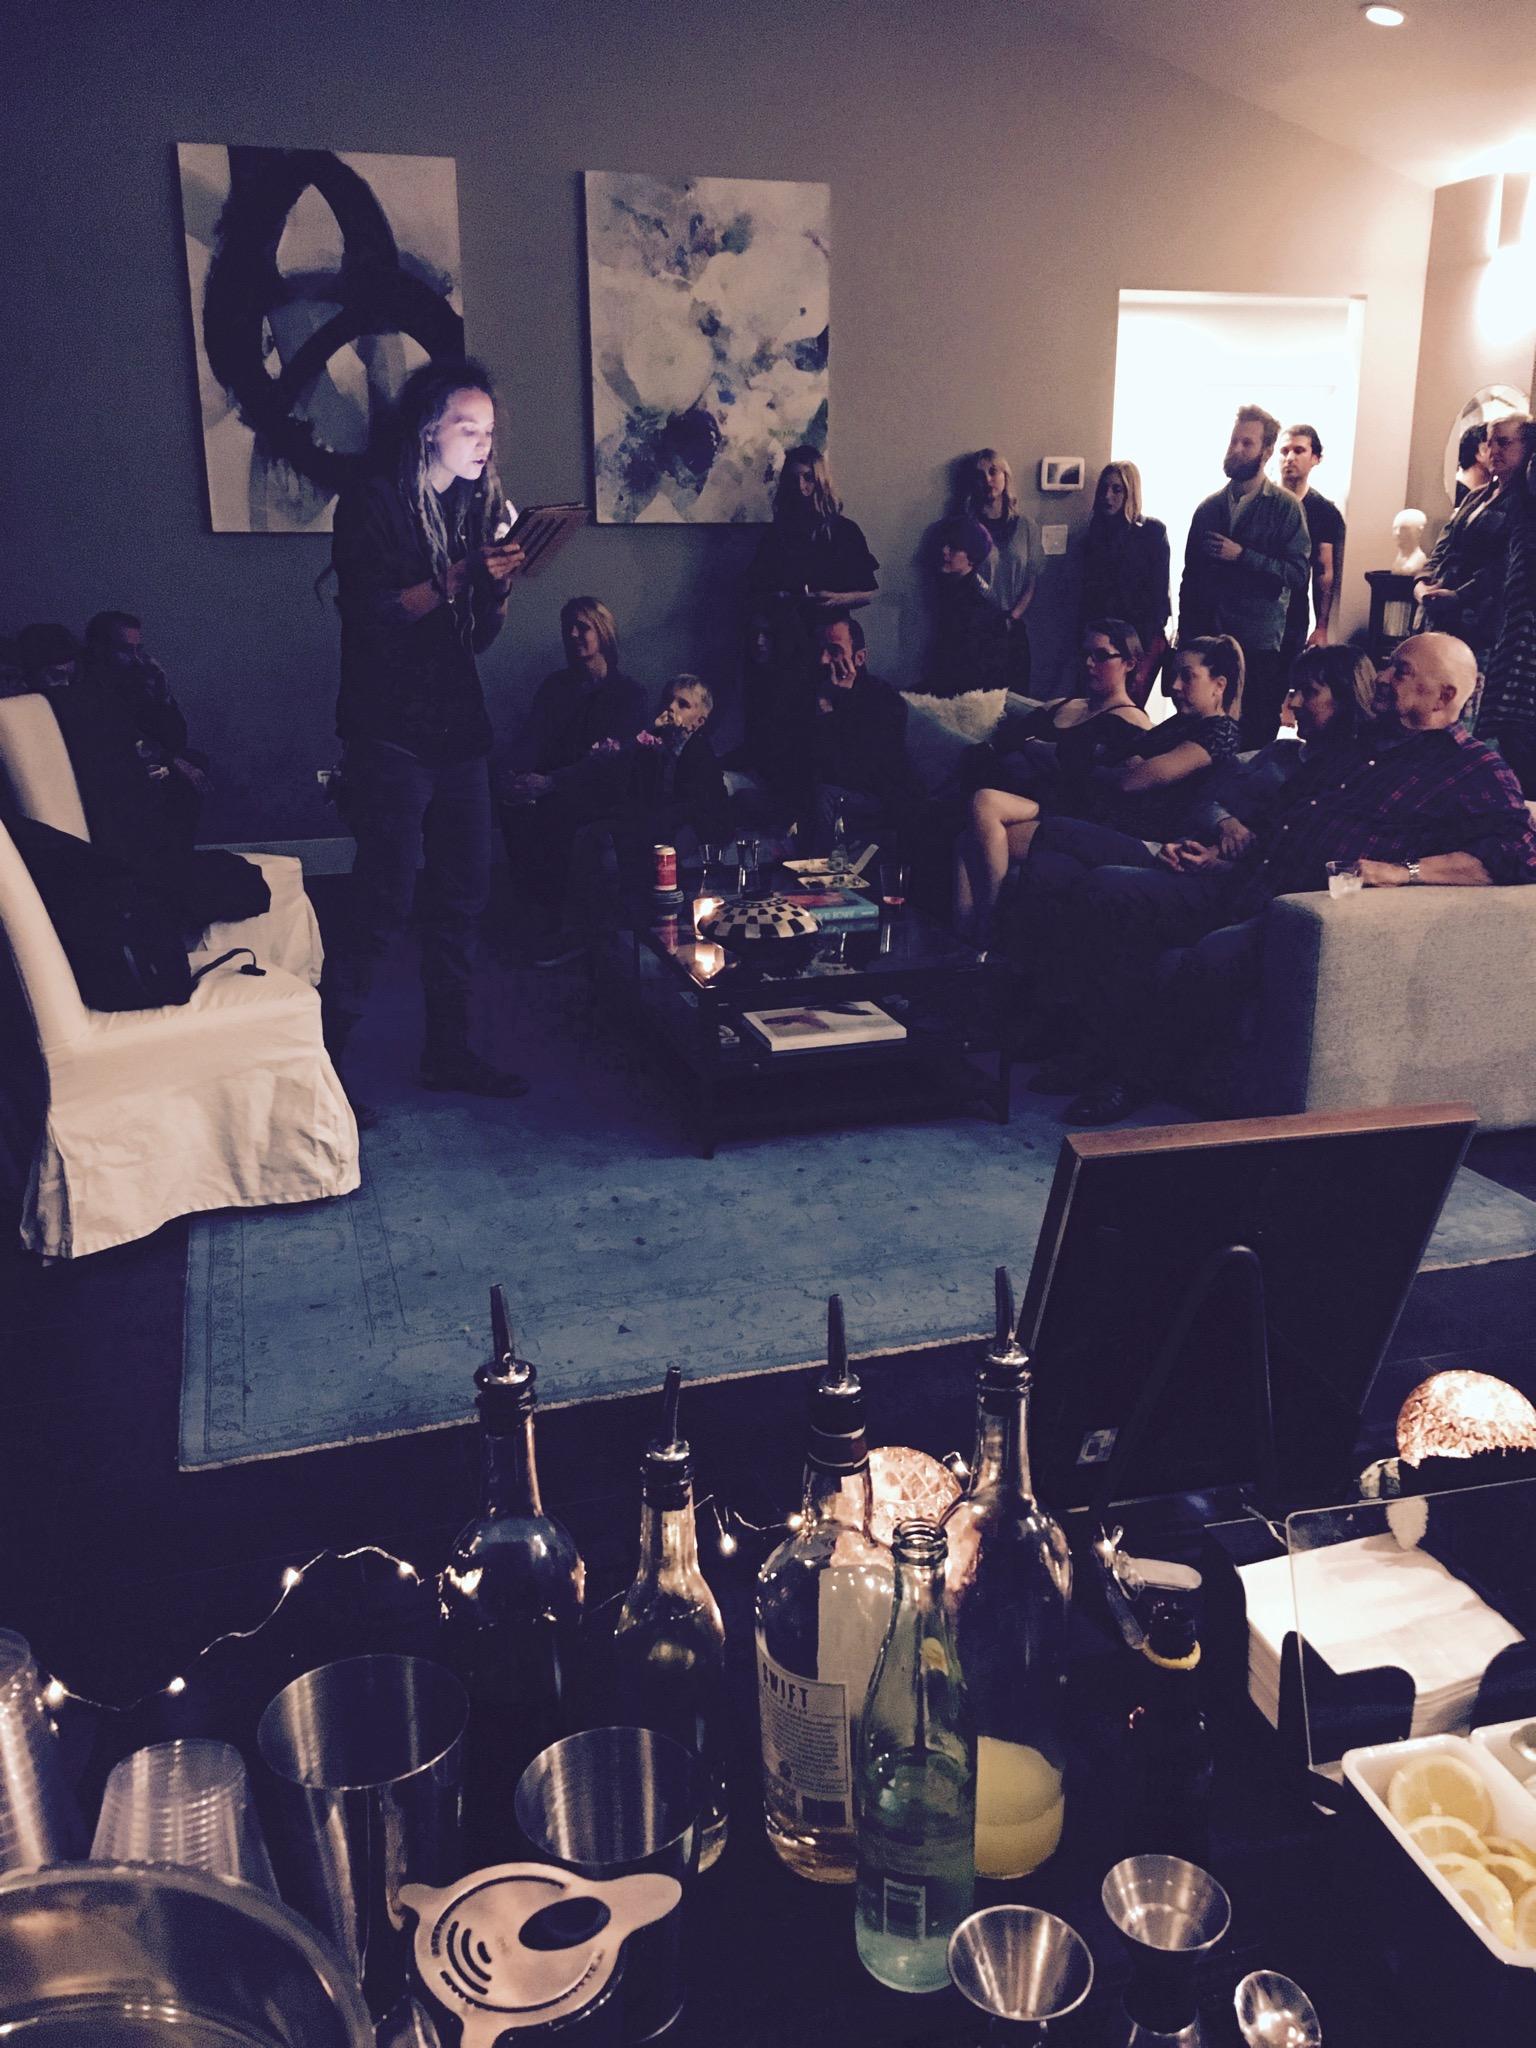 Drink Slingers Austin Event Bartenders Image 54